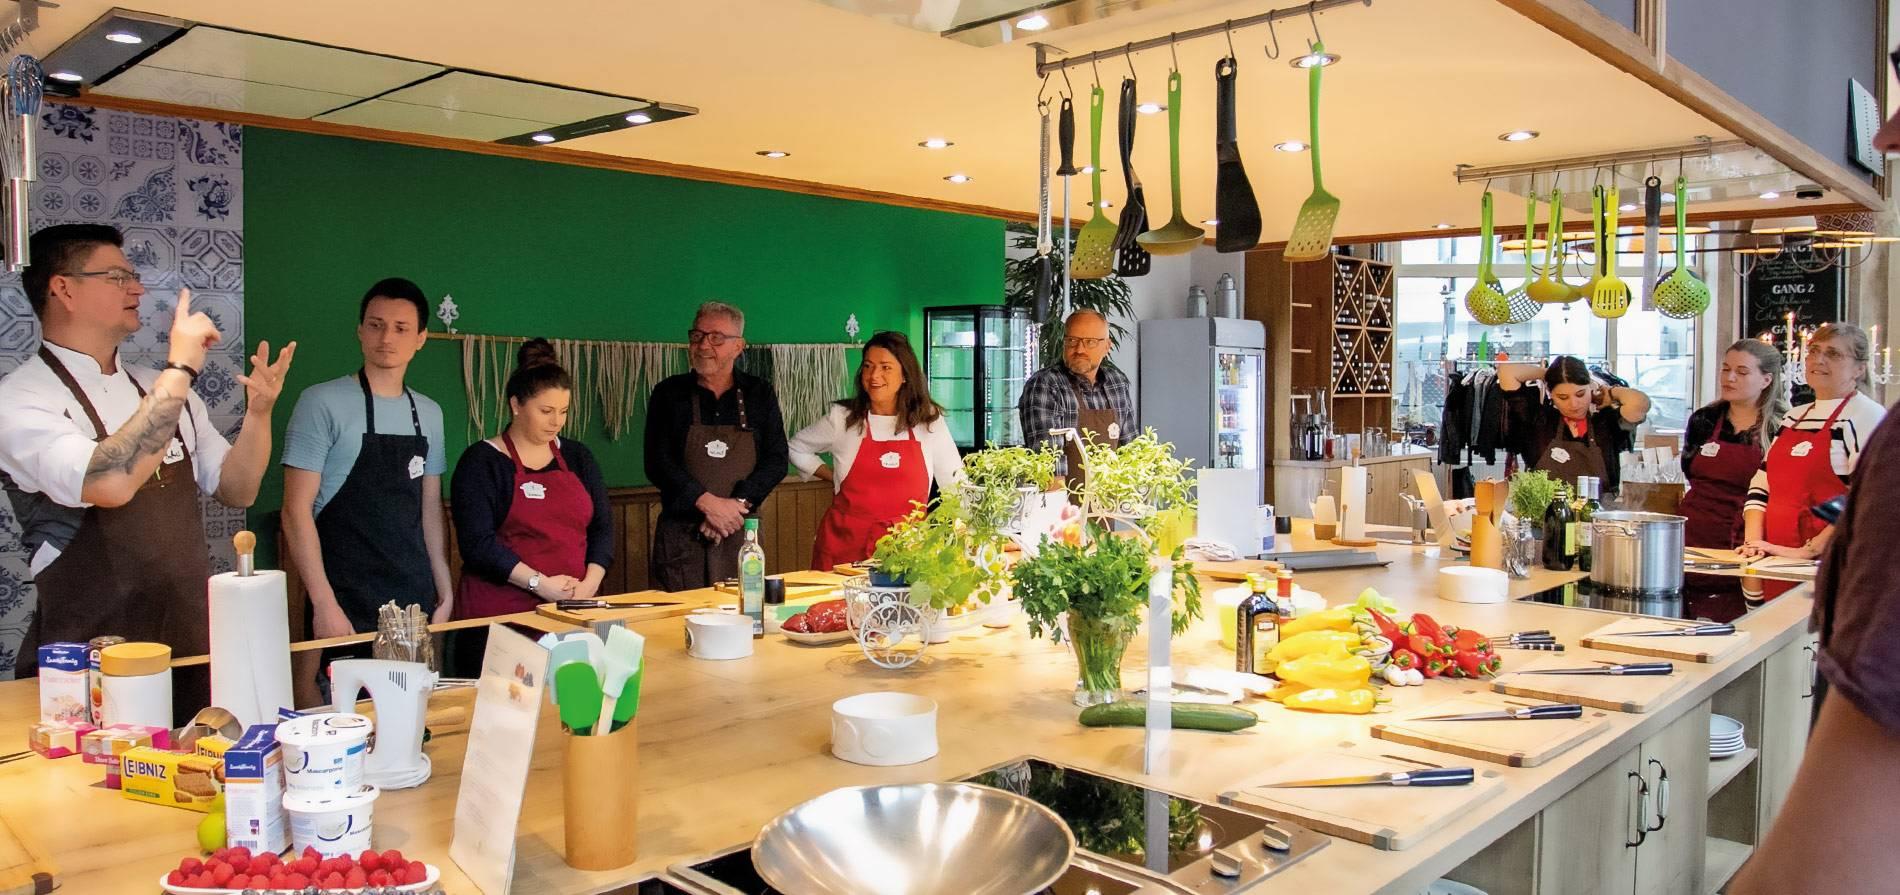 Die Kochschule 5